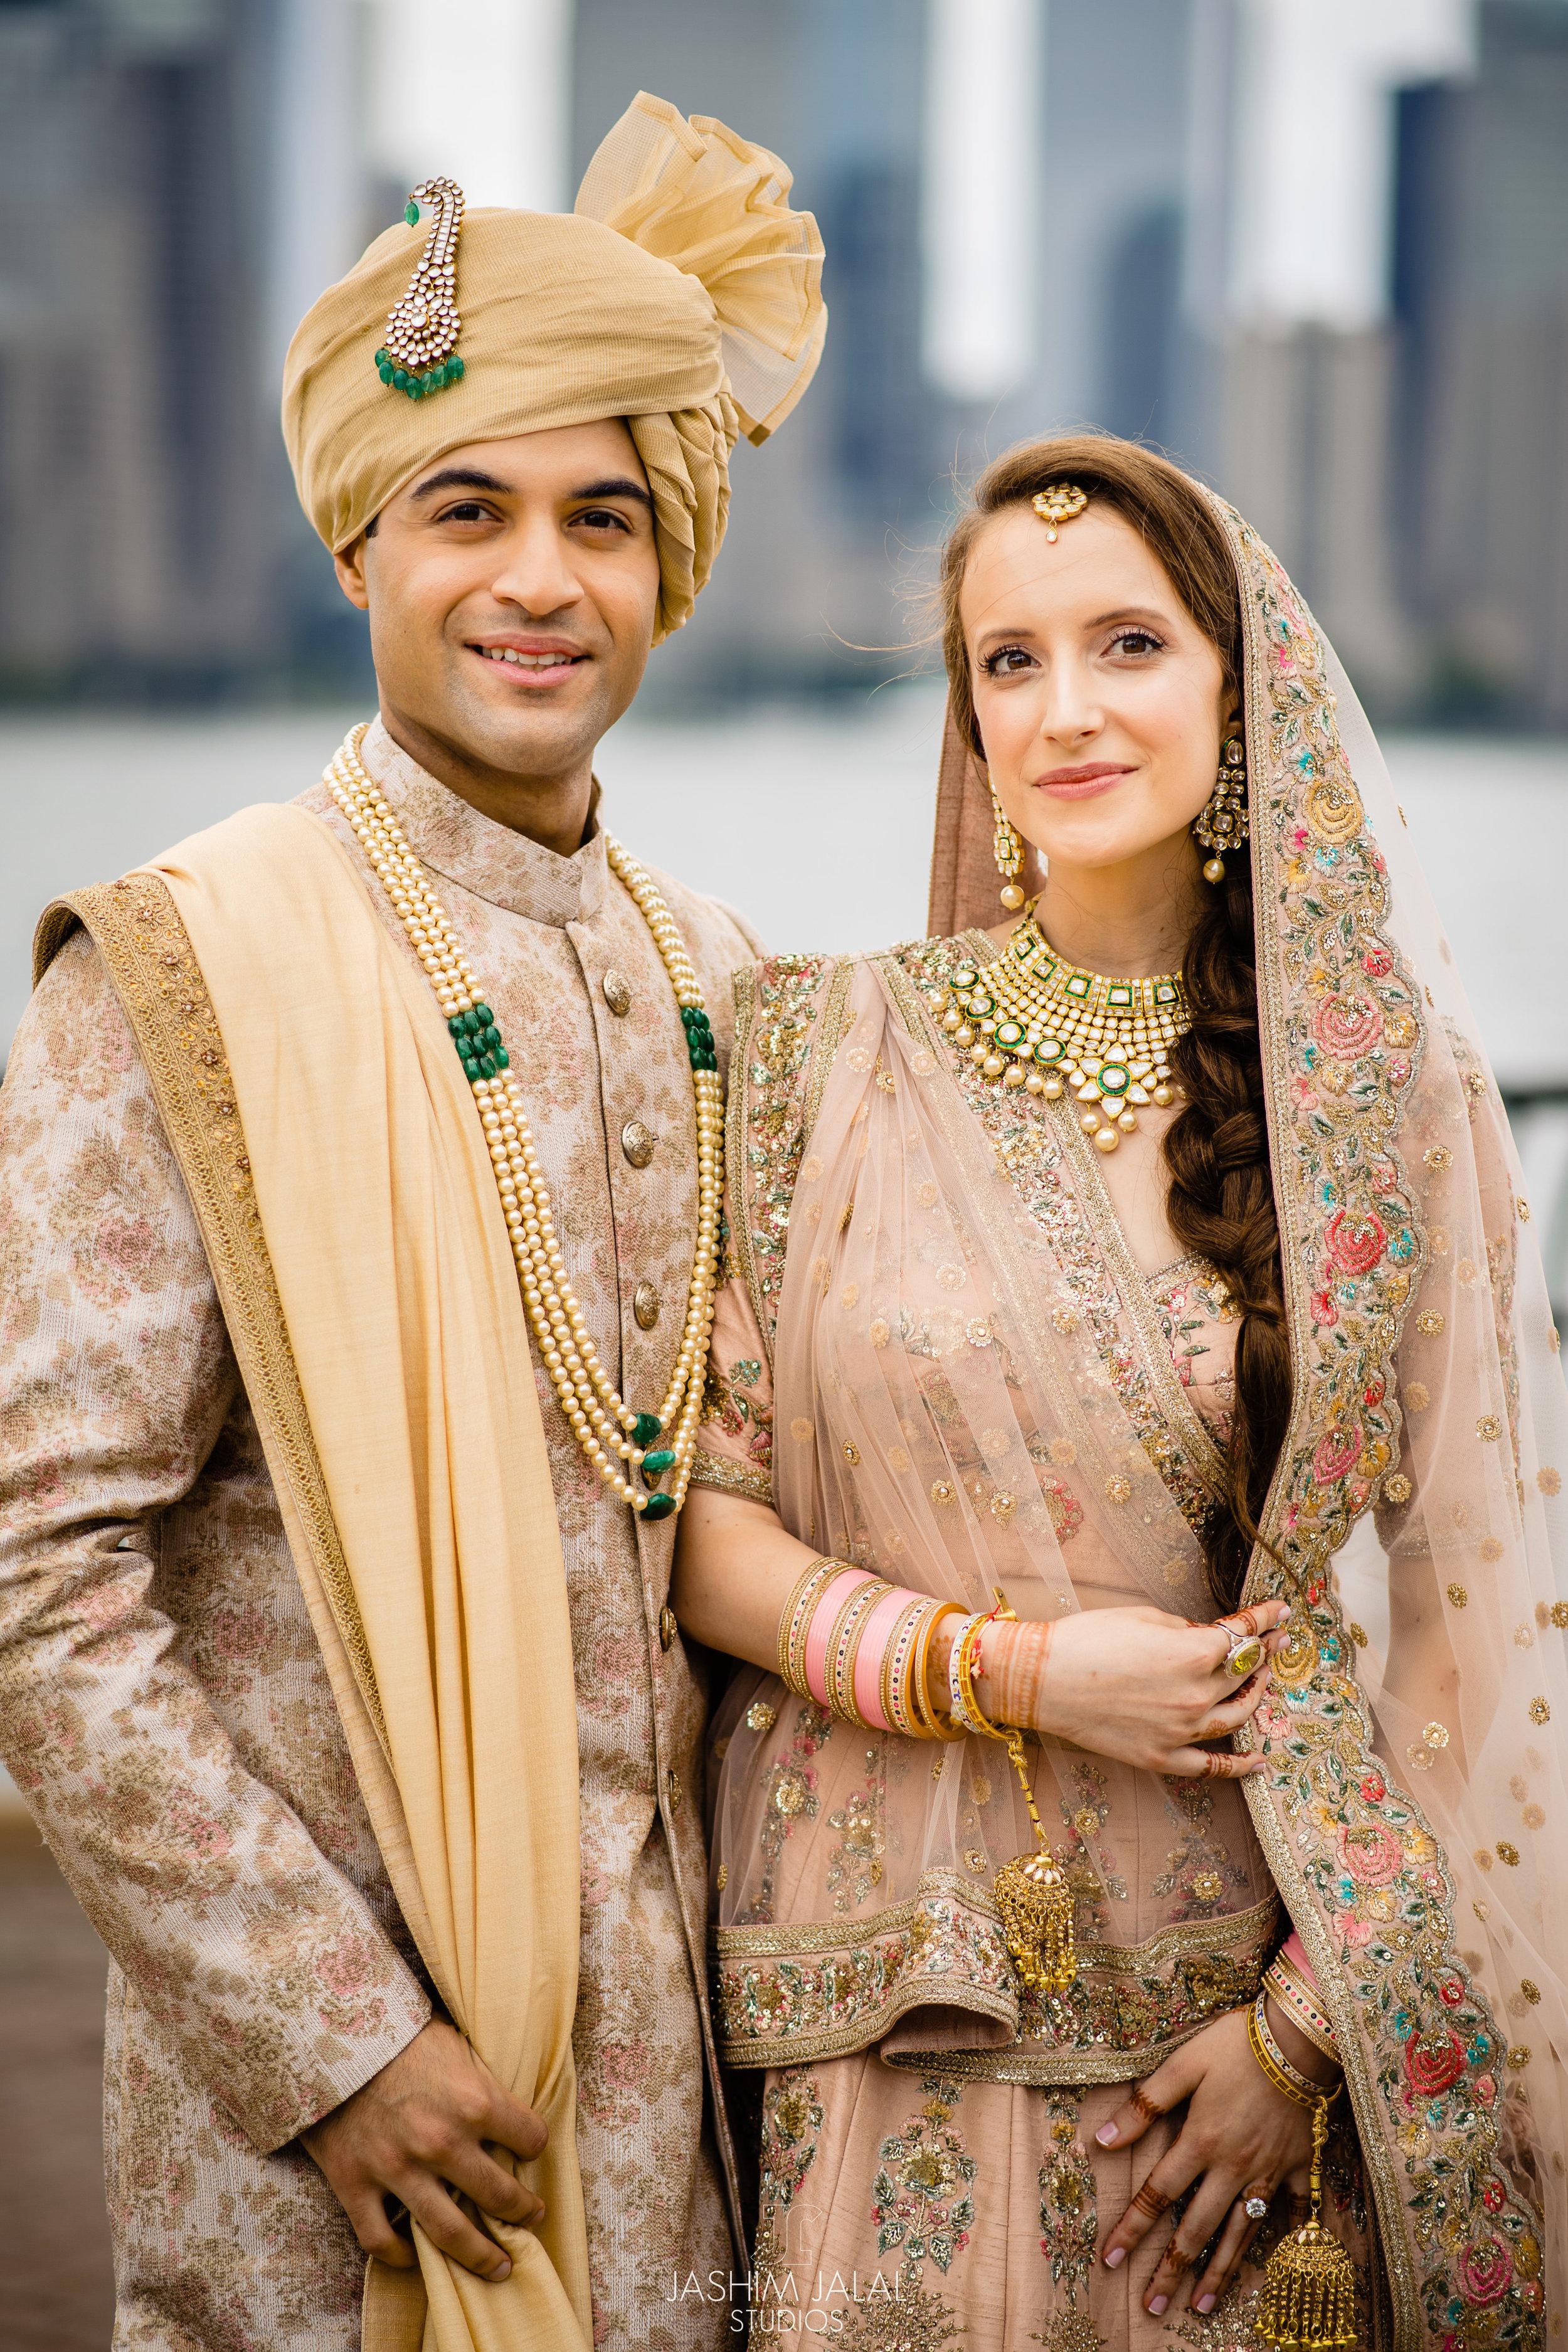 INDIAN WEDDING BRIDE AND GROOM.jpg